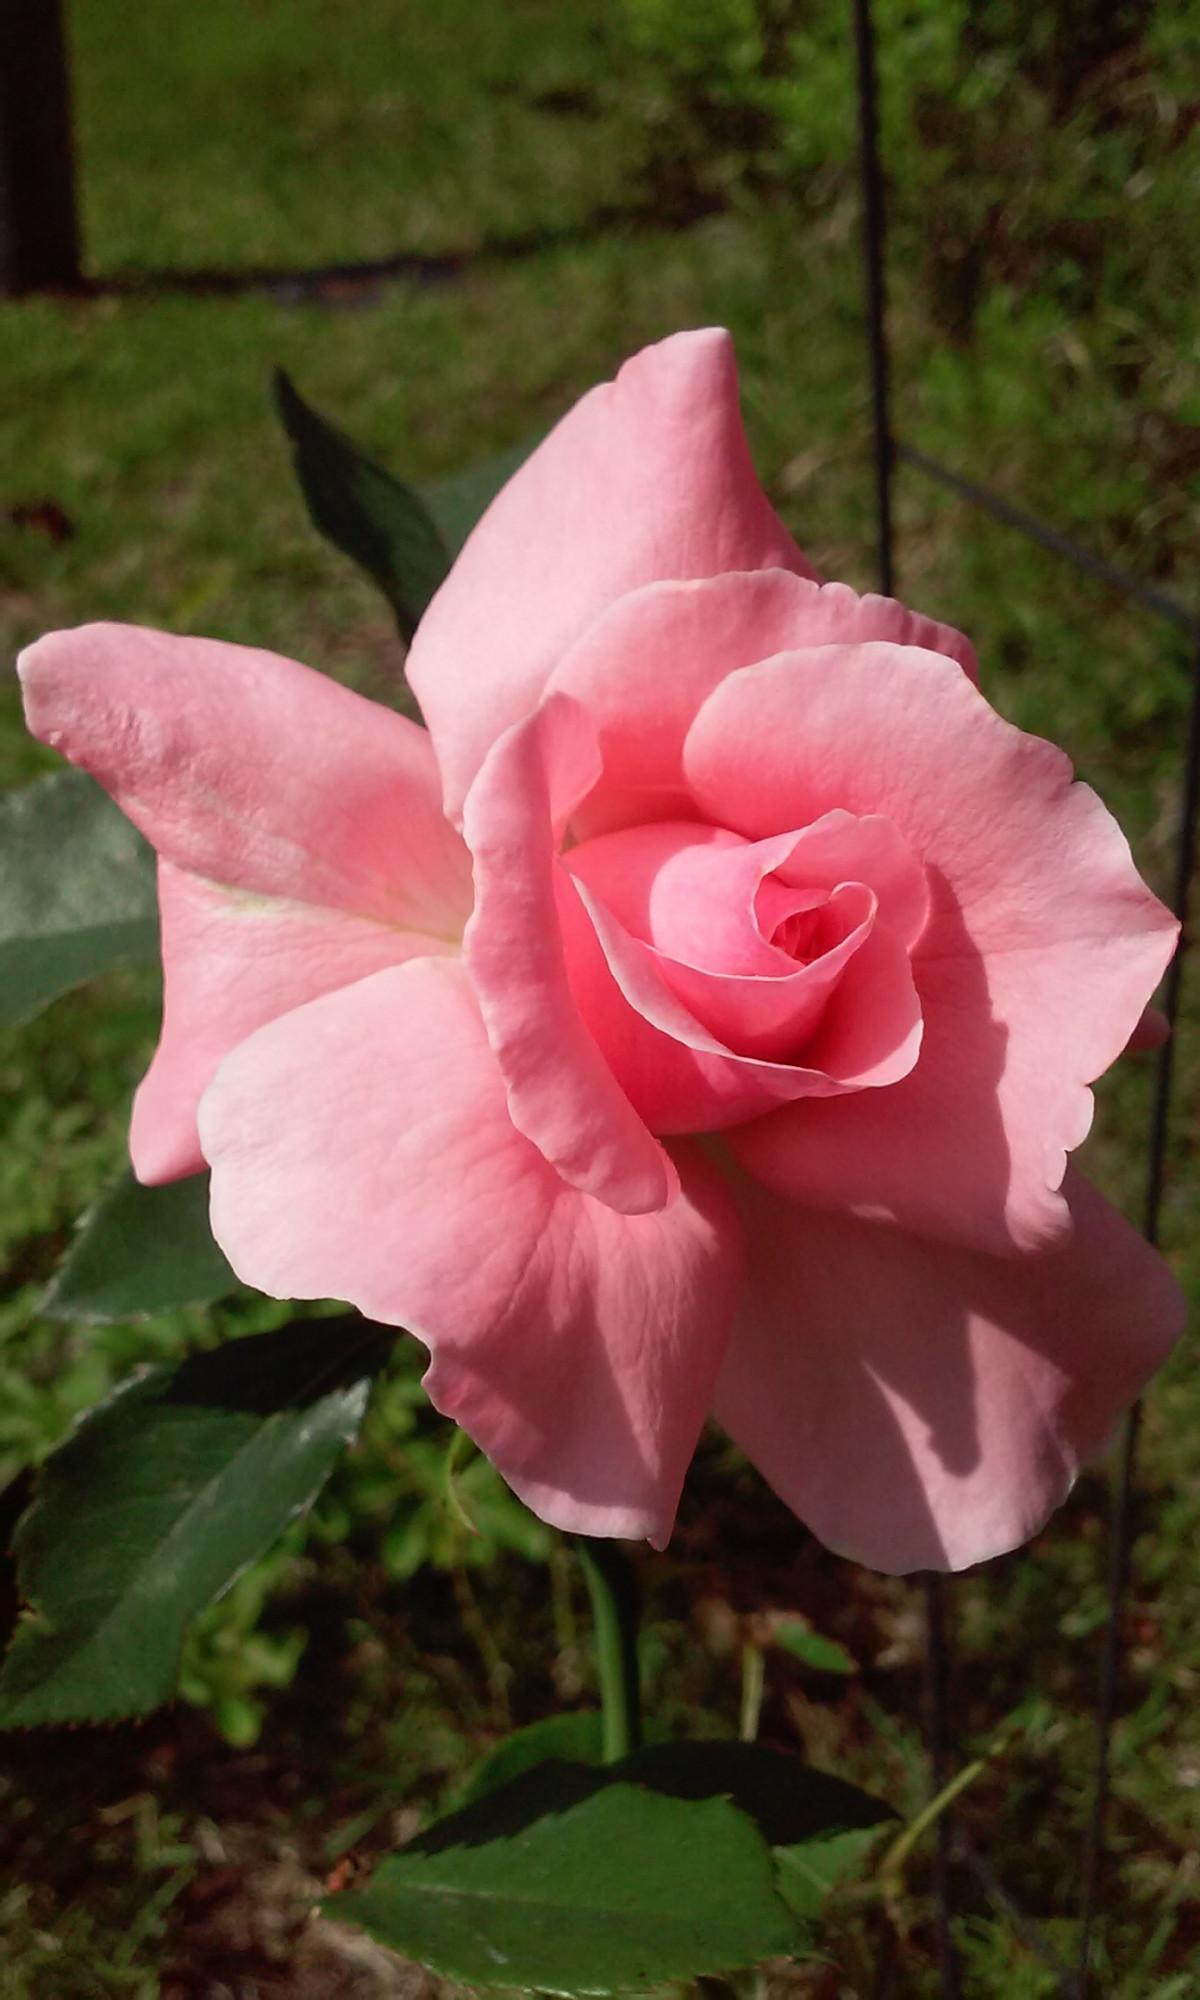 Immagini belle fiore bianca flora famiglia di rosa for Rosa pianta